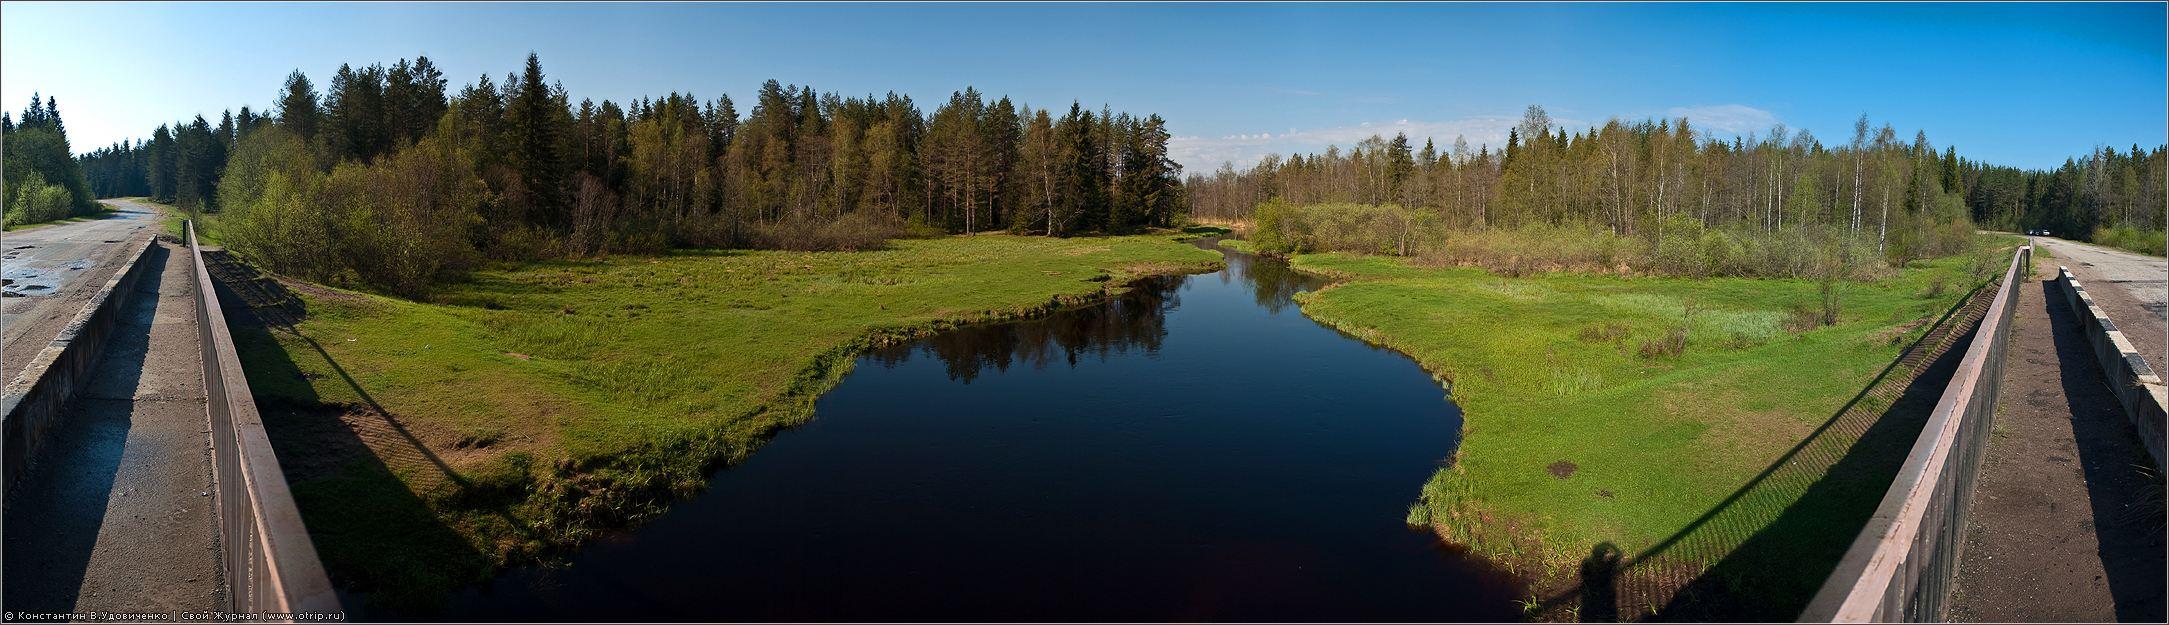 0509-9893x3203s_2.jpg - Новгородская область (10-15.05.2010)